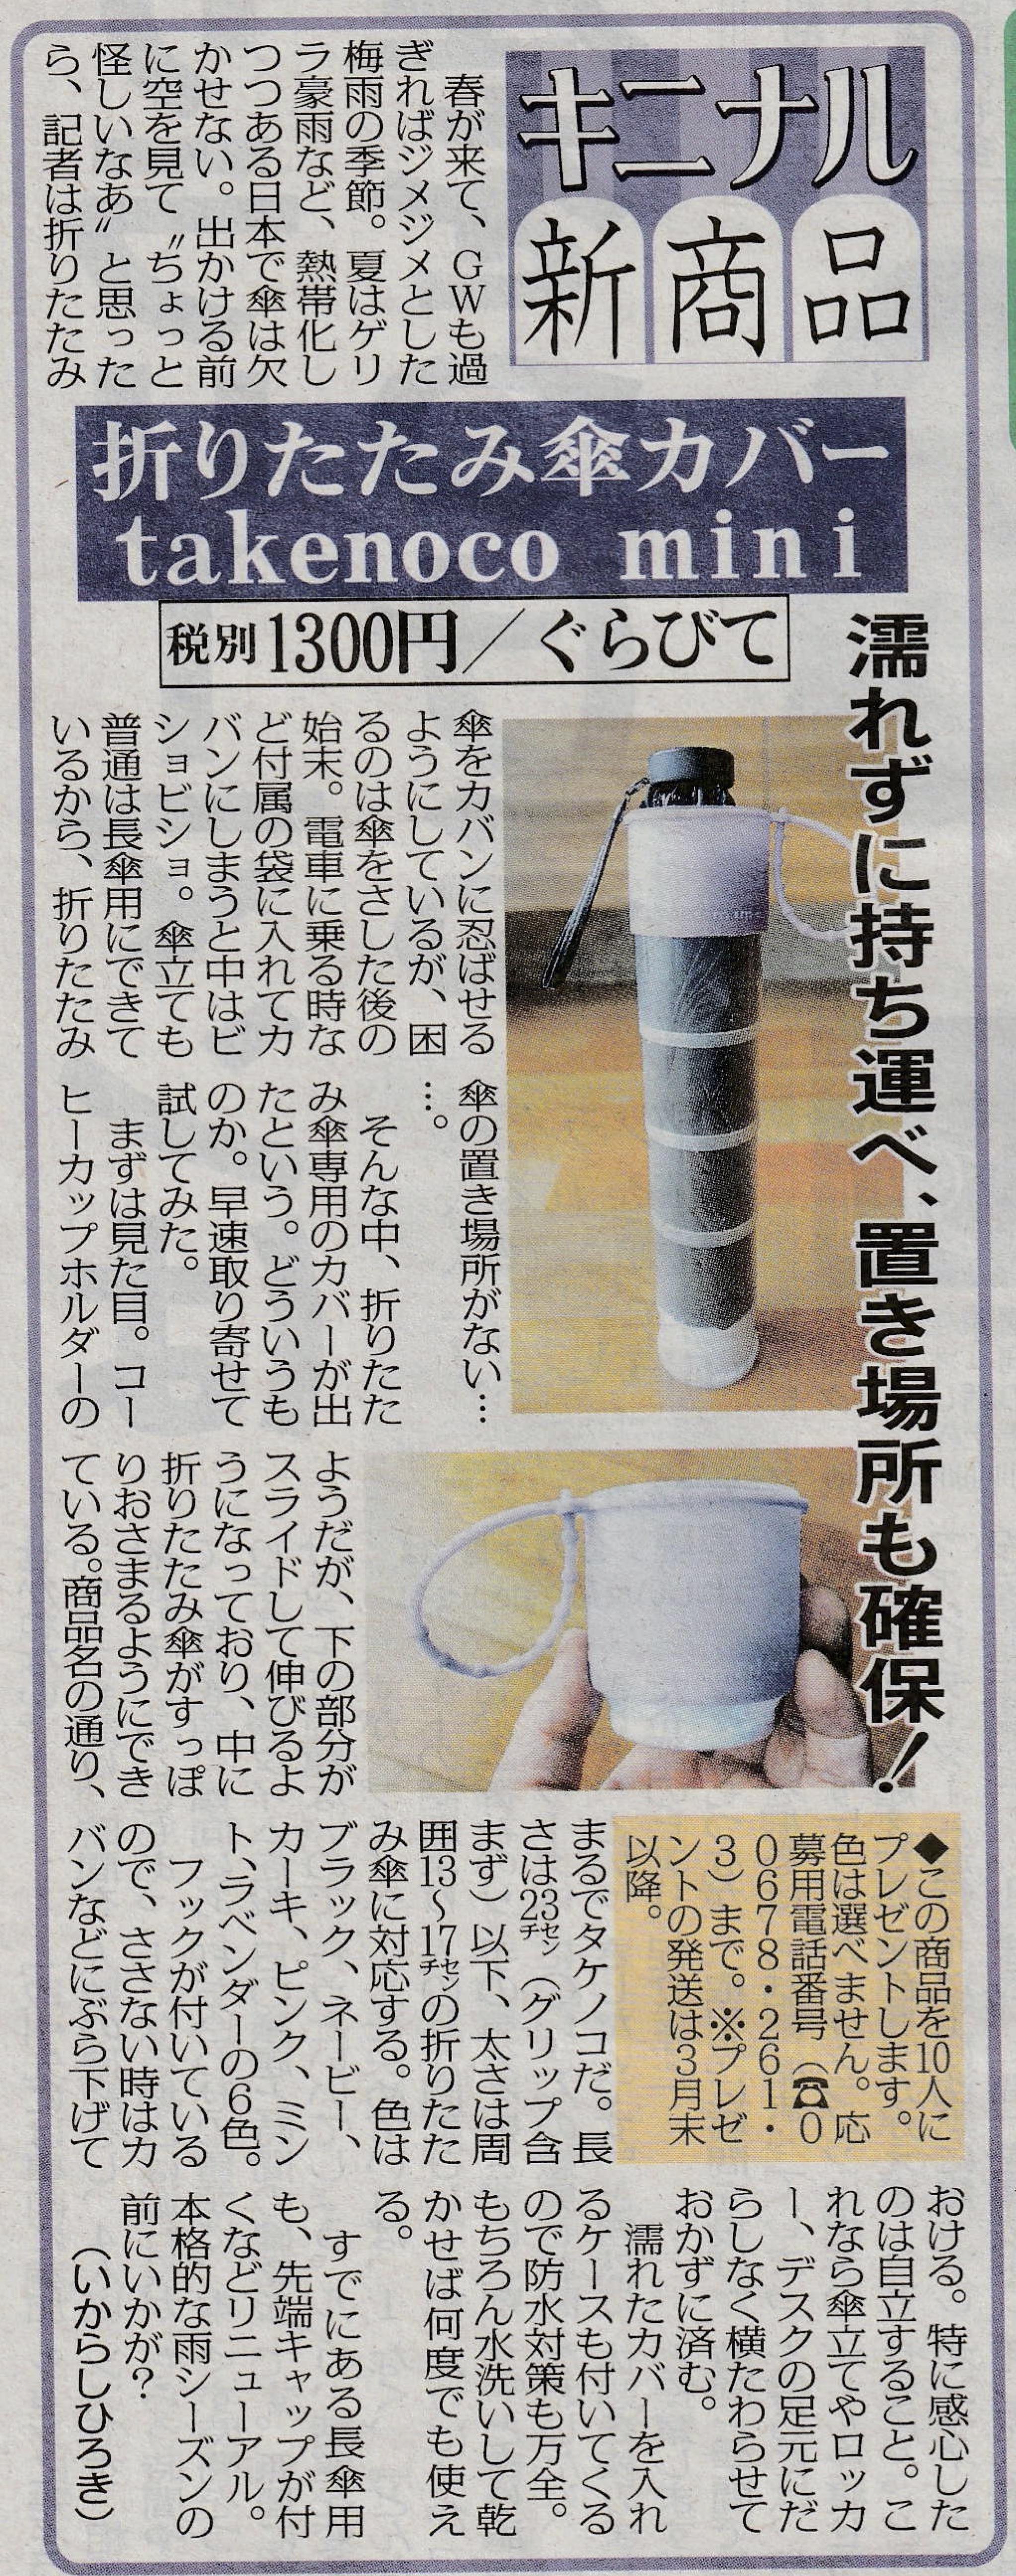 日刊ゲンダイ「キニナル新商品」コーナーにて折りた傘カバーtakenoco miniが紹介されました。